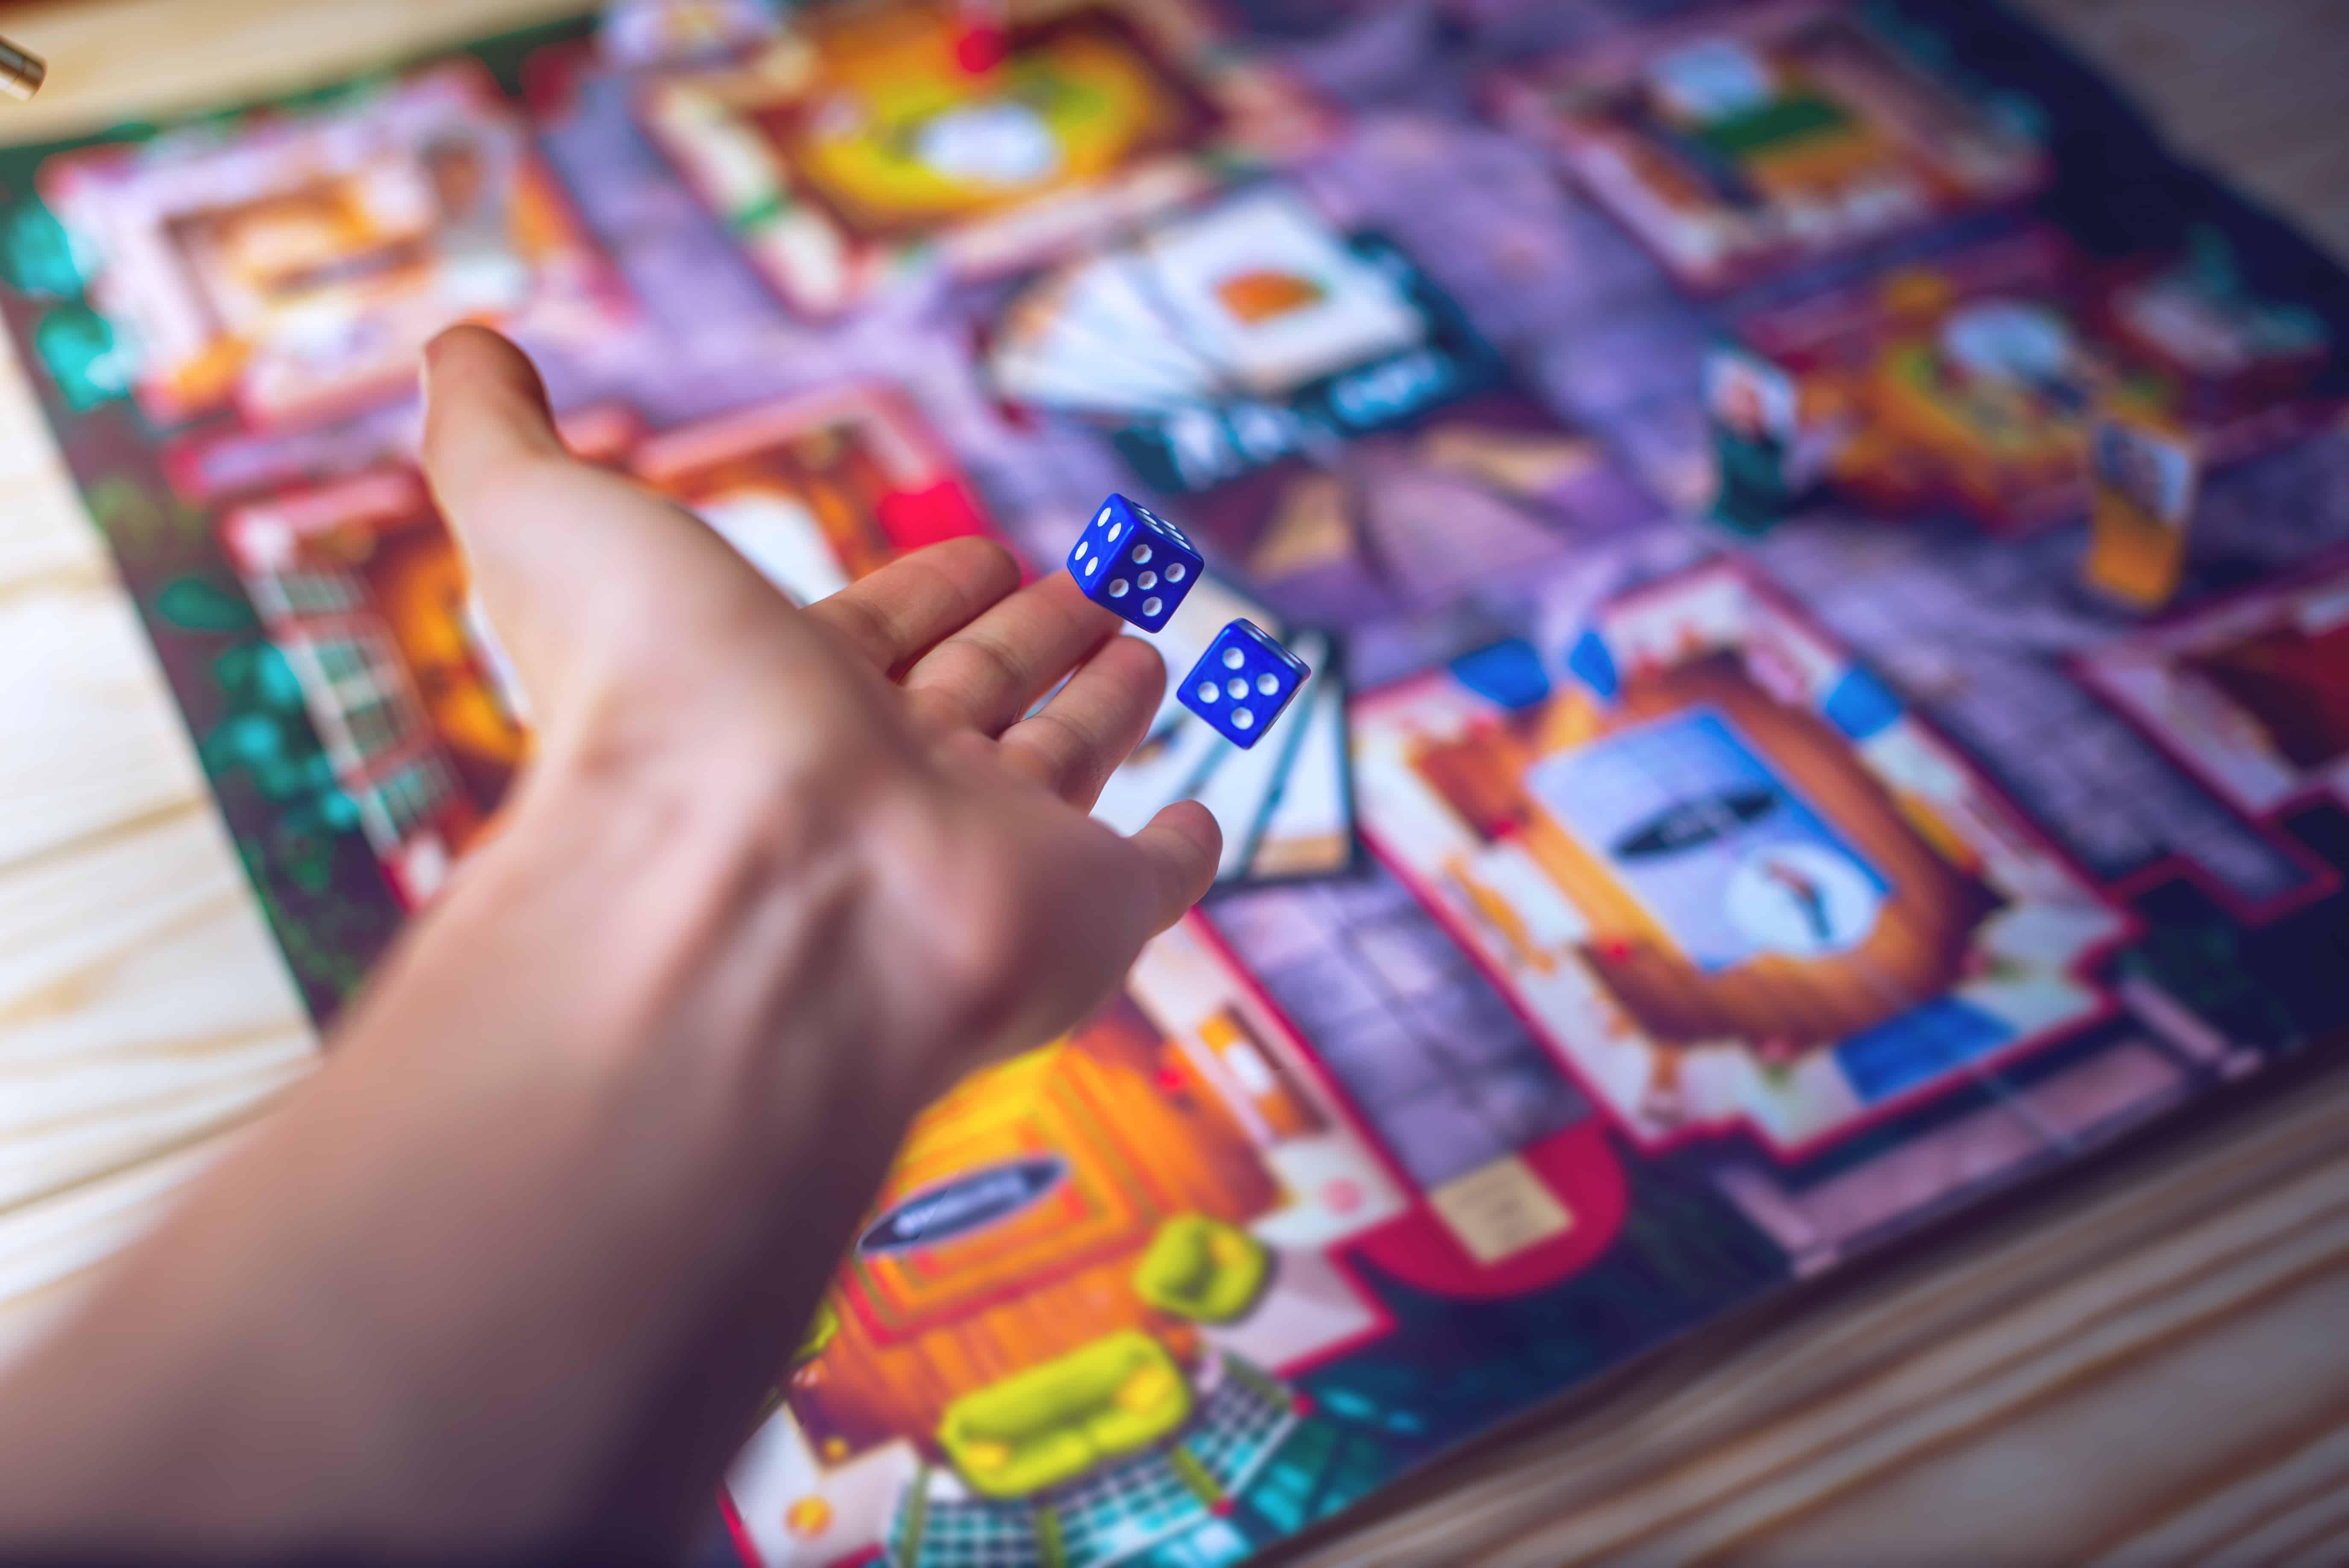 Juegos de mesa: ¿Cuál es el mejor del 2020?